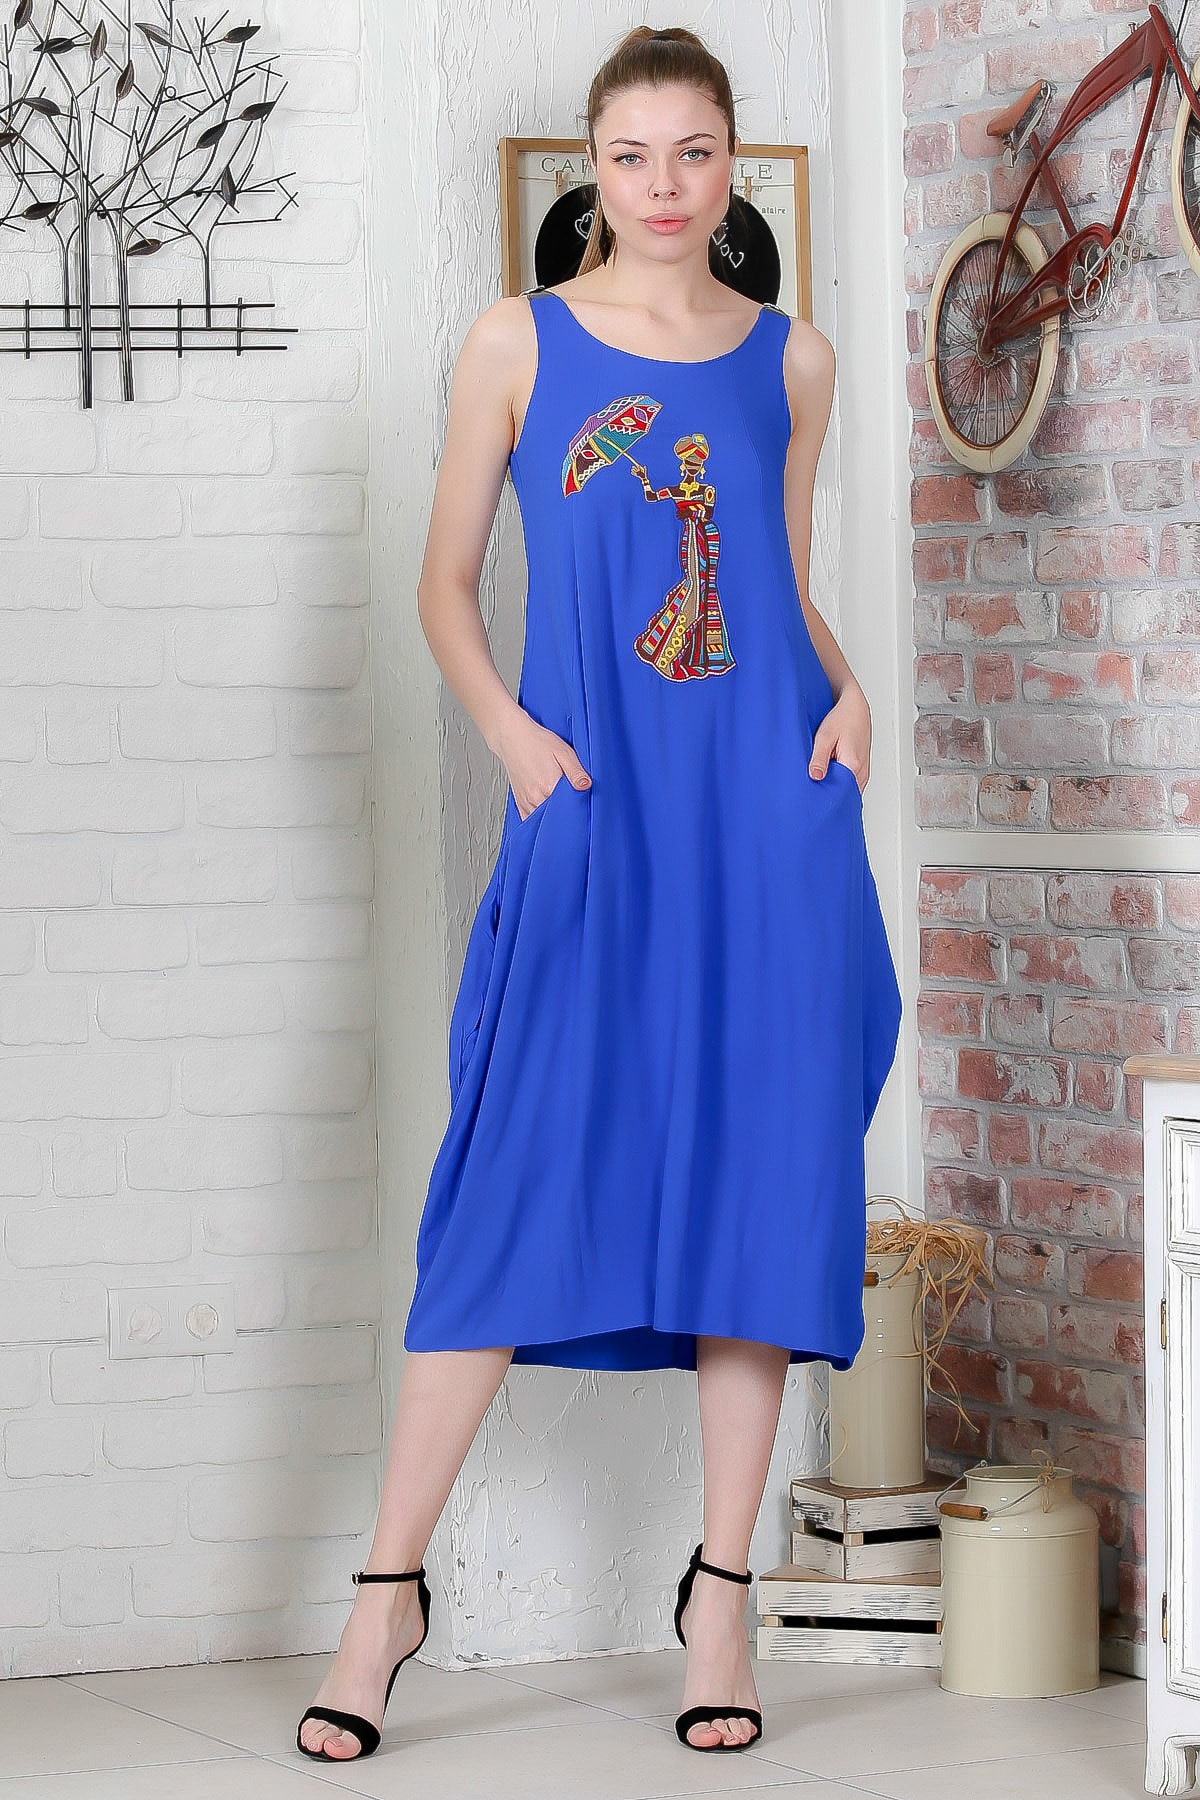 Chiccy Kadın Mavi Şemsiye Nakışlı Askıları Kemer Tokalı Cepli Dokuma Elbise M10160000EL95410